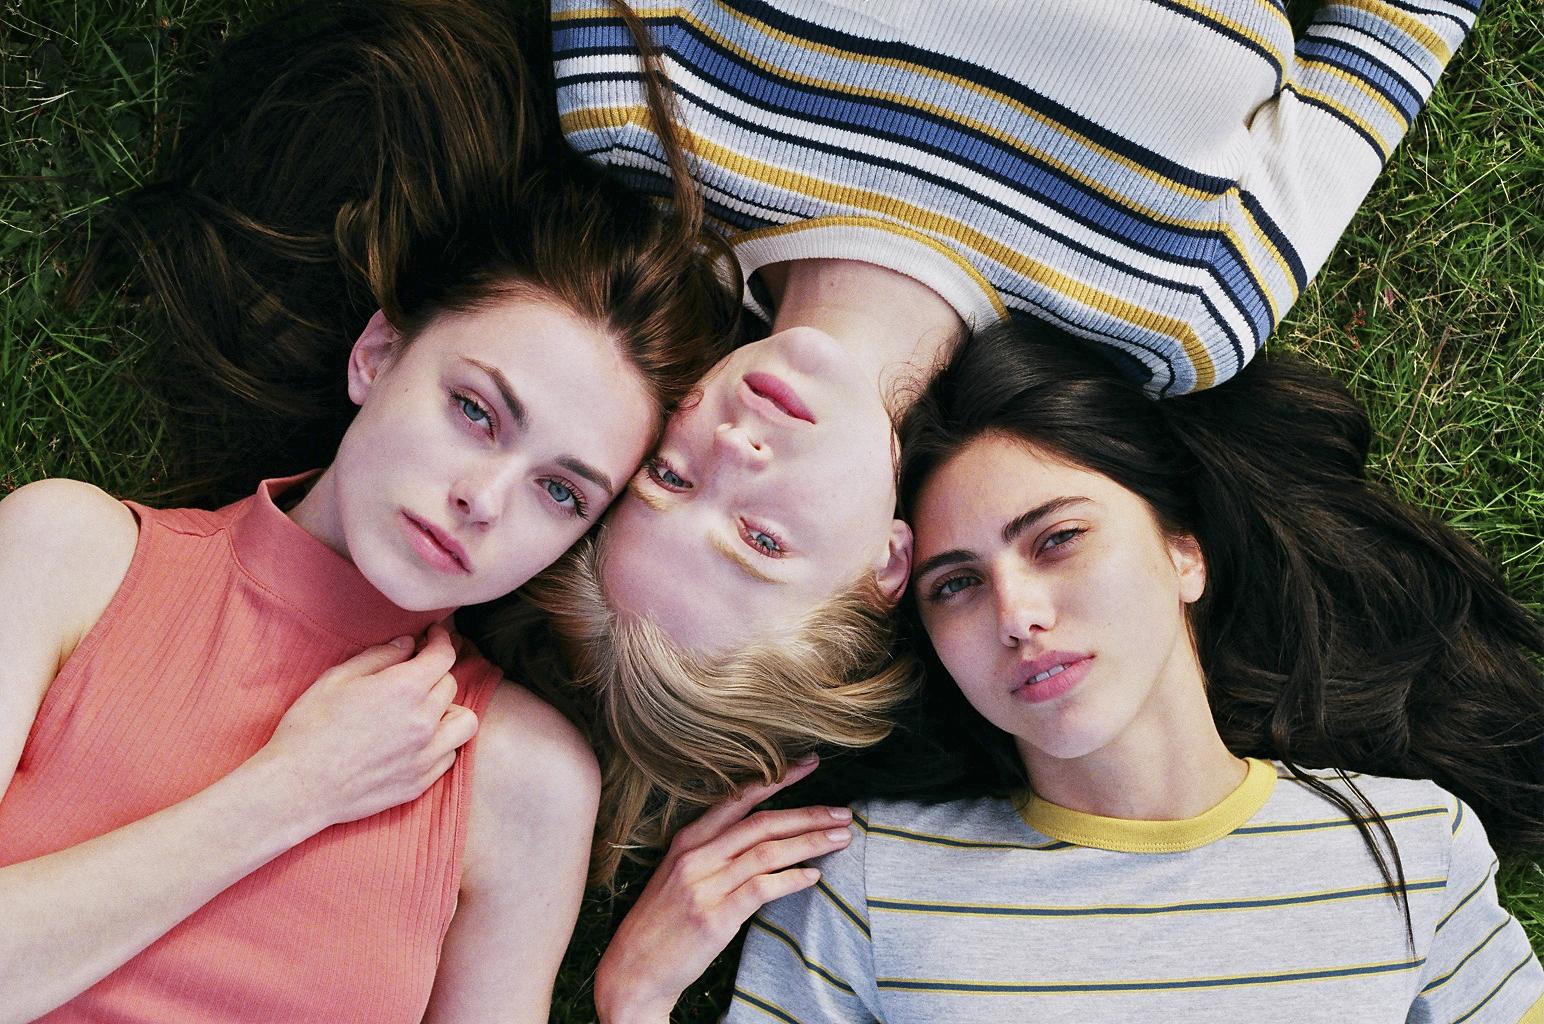 Charlie, Chloe & Diana